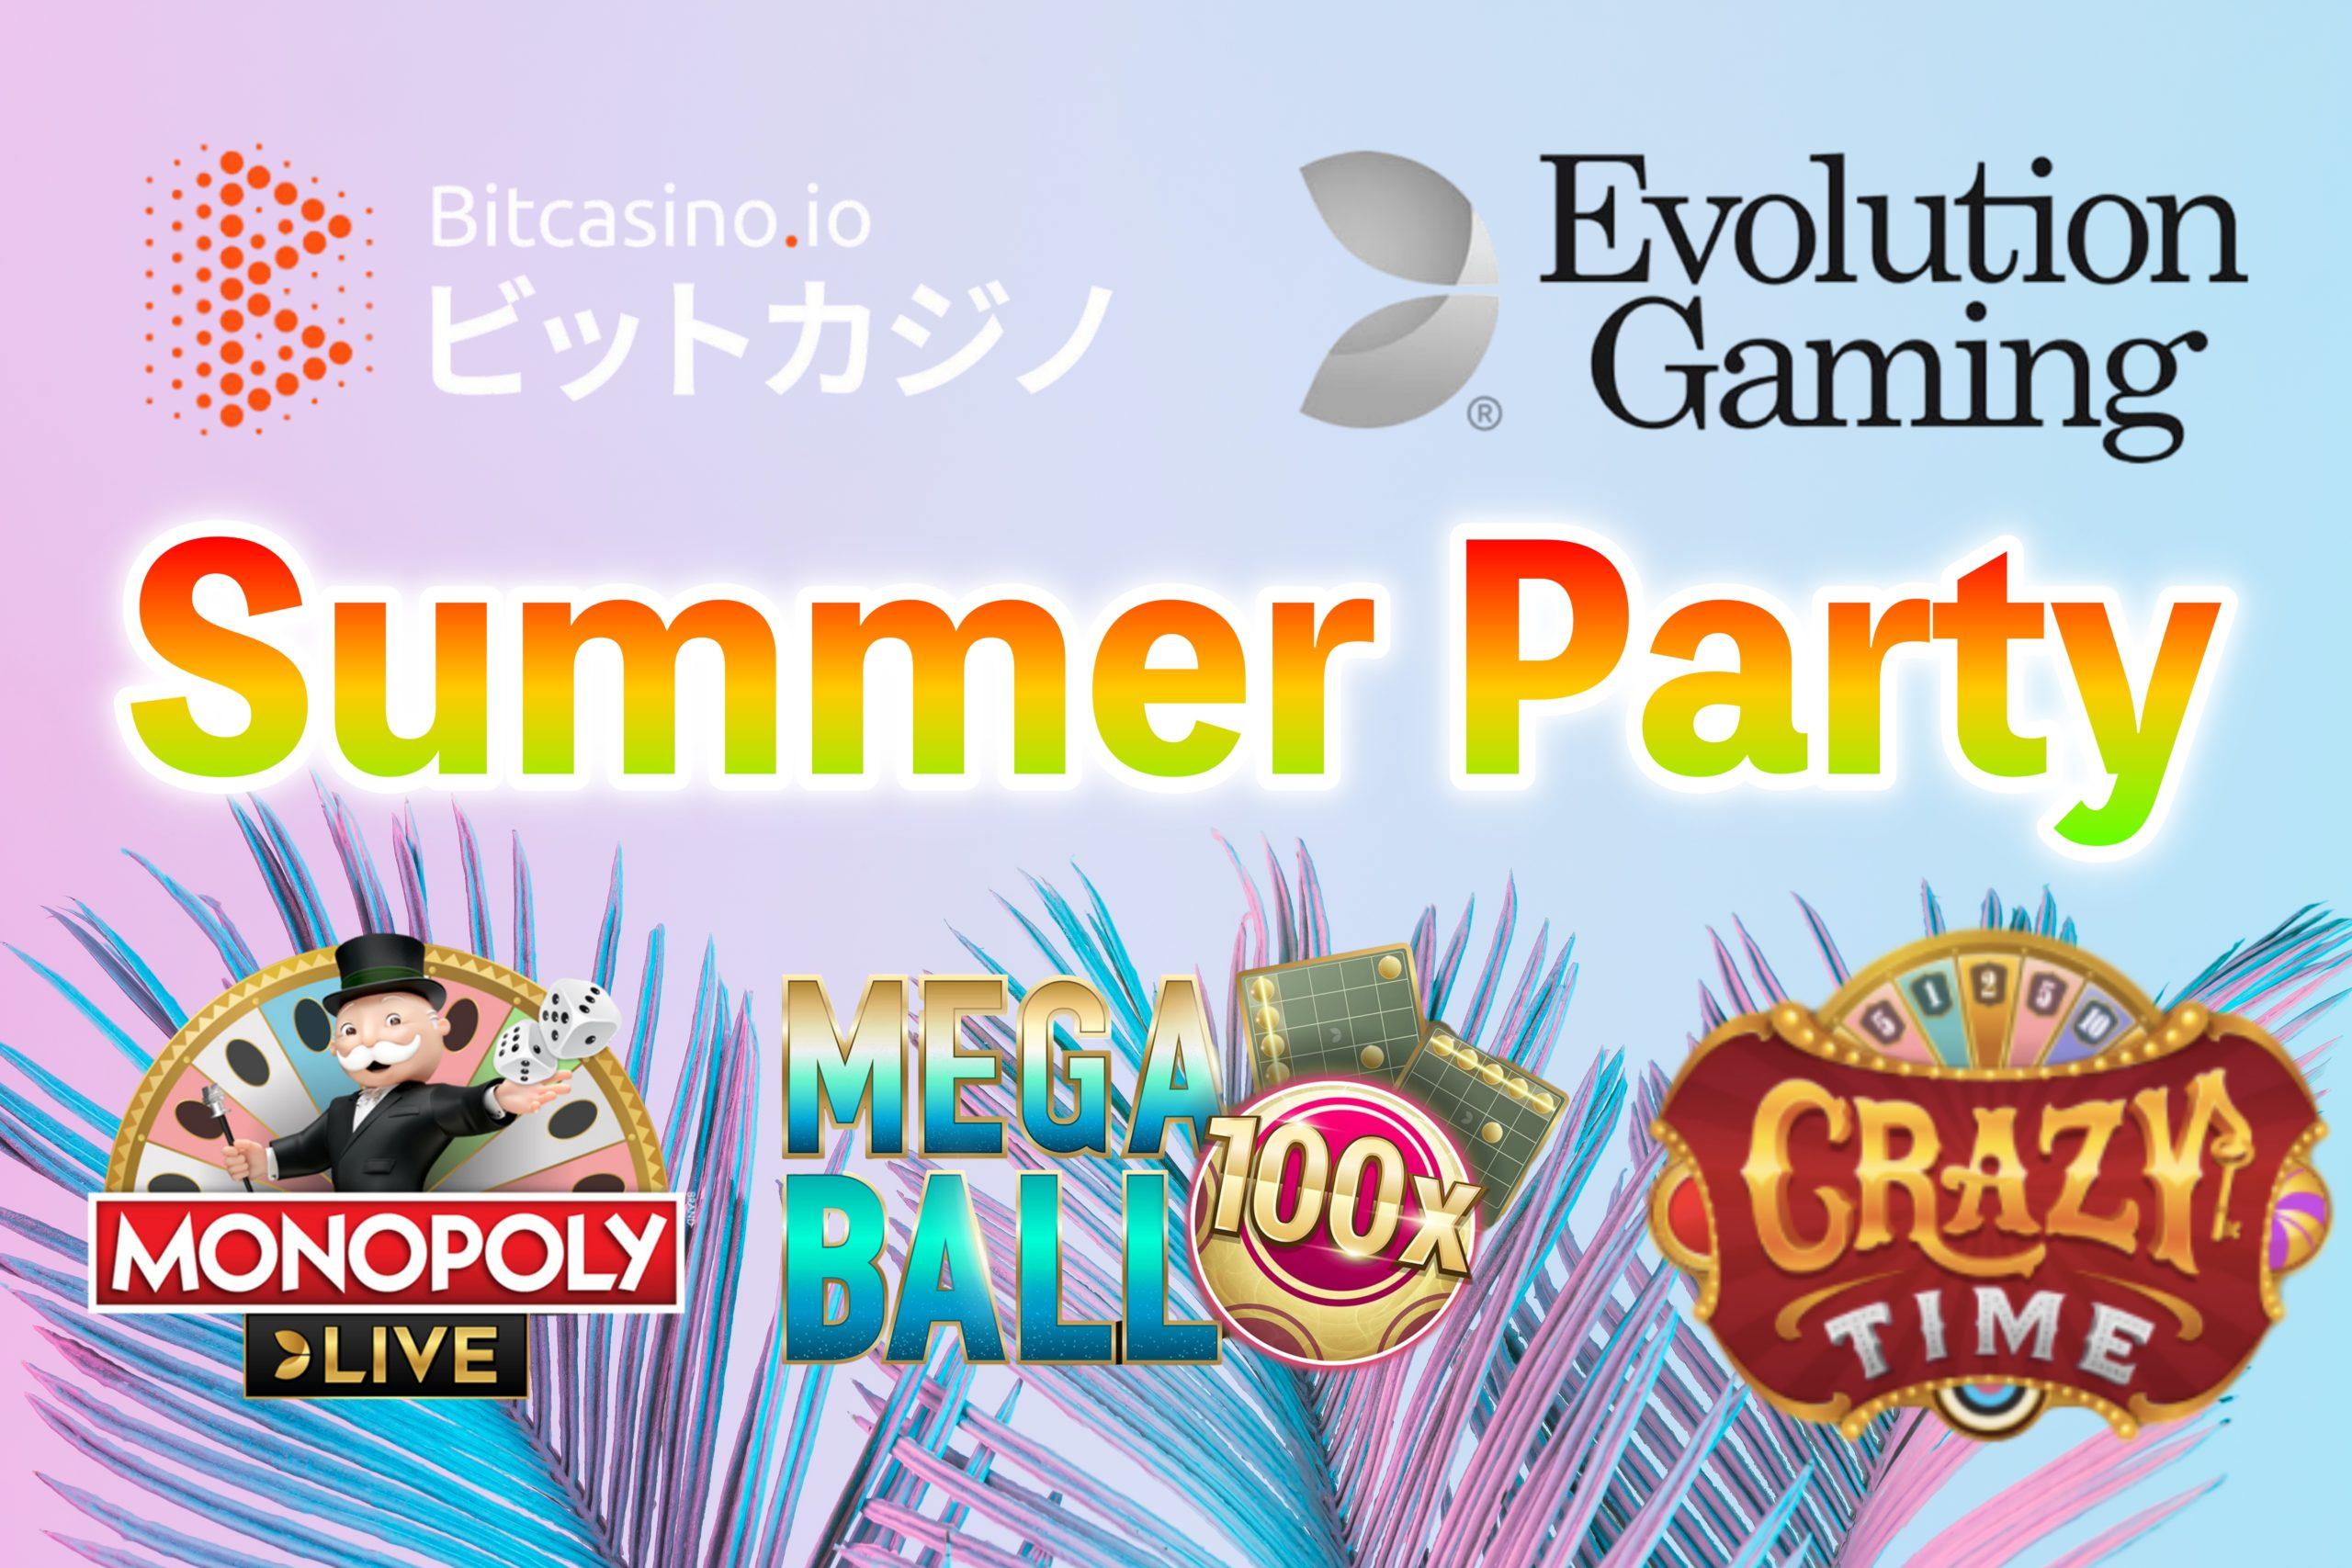 ビットカジノで「Evolutionのサマー・パーティー」が開催|大人気のホイールゲームで最高倍率を競え!